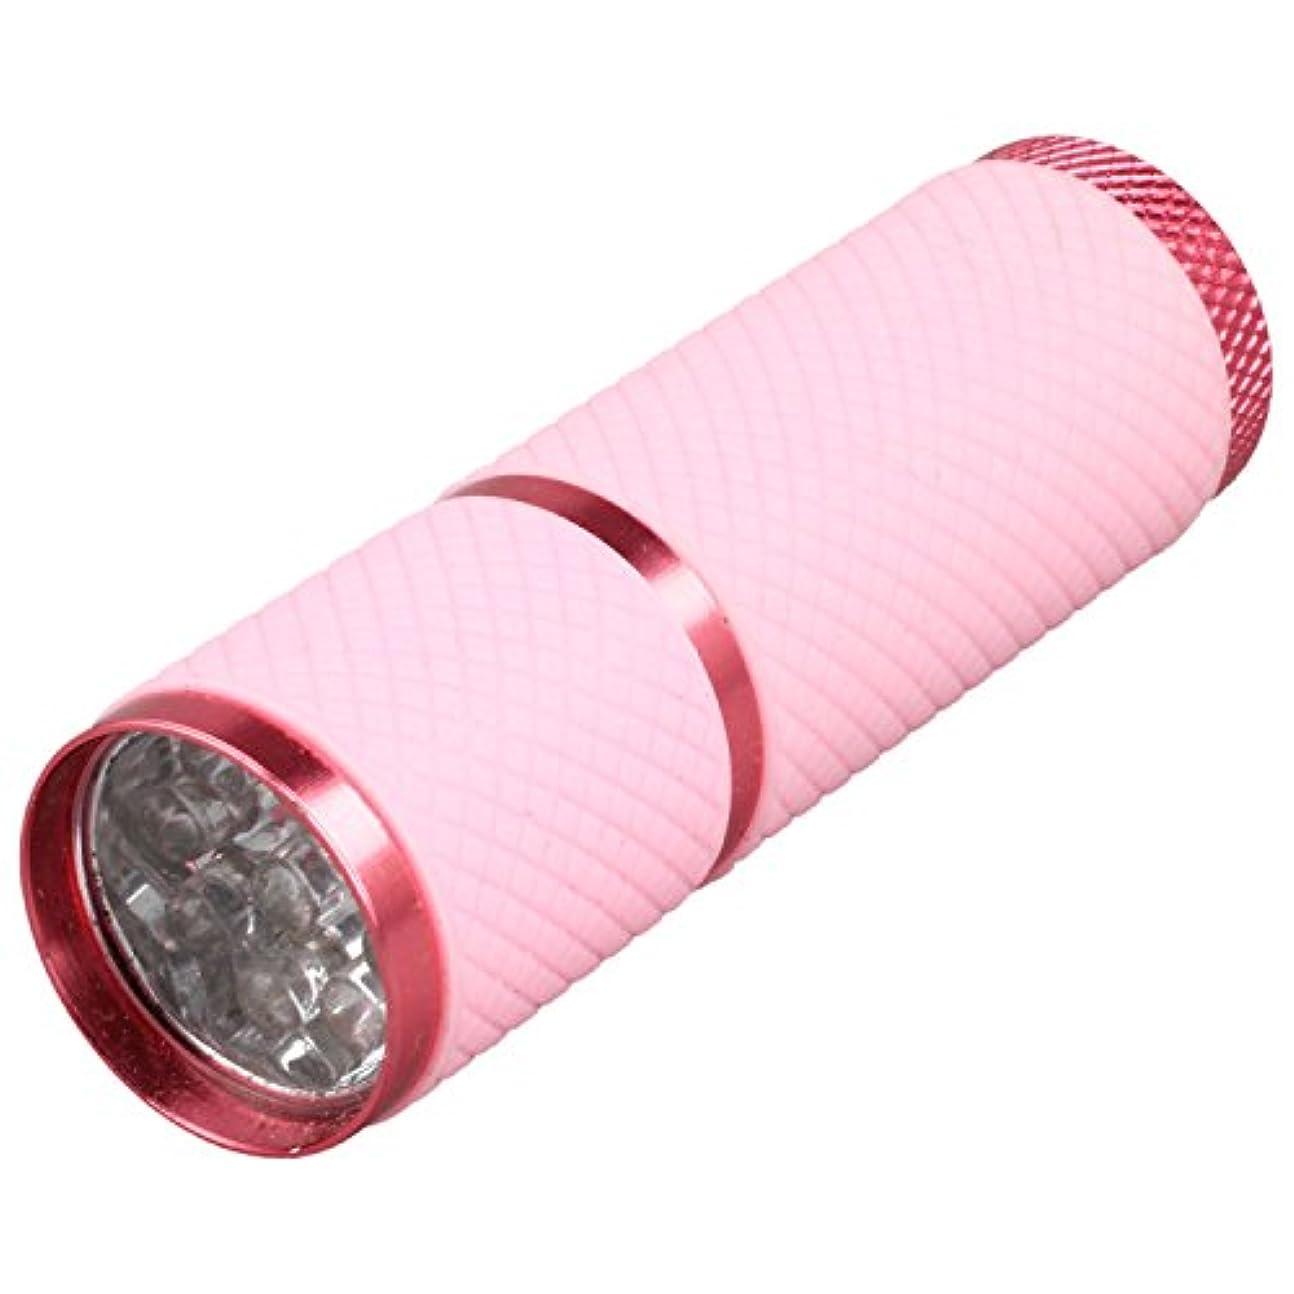 緊張普通の全体にSODIAL 1個 ミニ9 LED Uv ゲル硬化ランプ バッテリーなし 携帯性ネイルドライヤー LEDフラッシュライト通貨検出器 アルミニウム合金 ピンクカラー